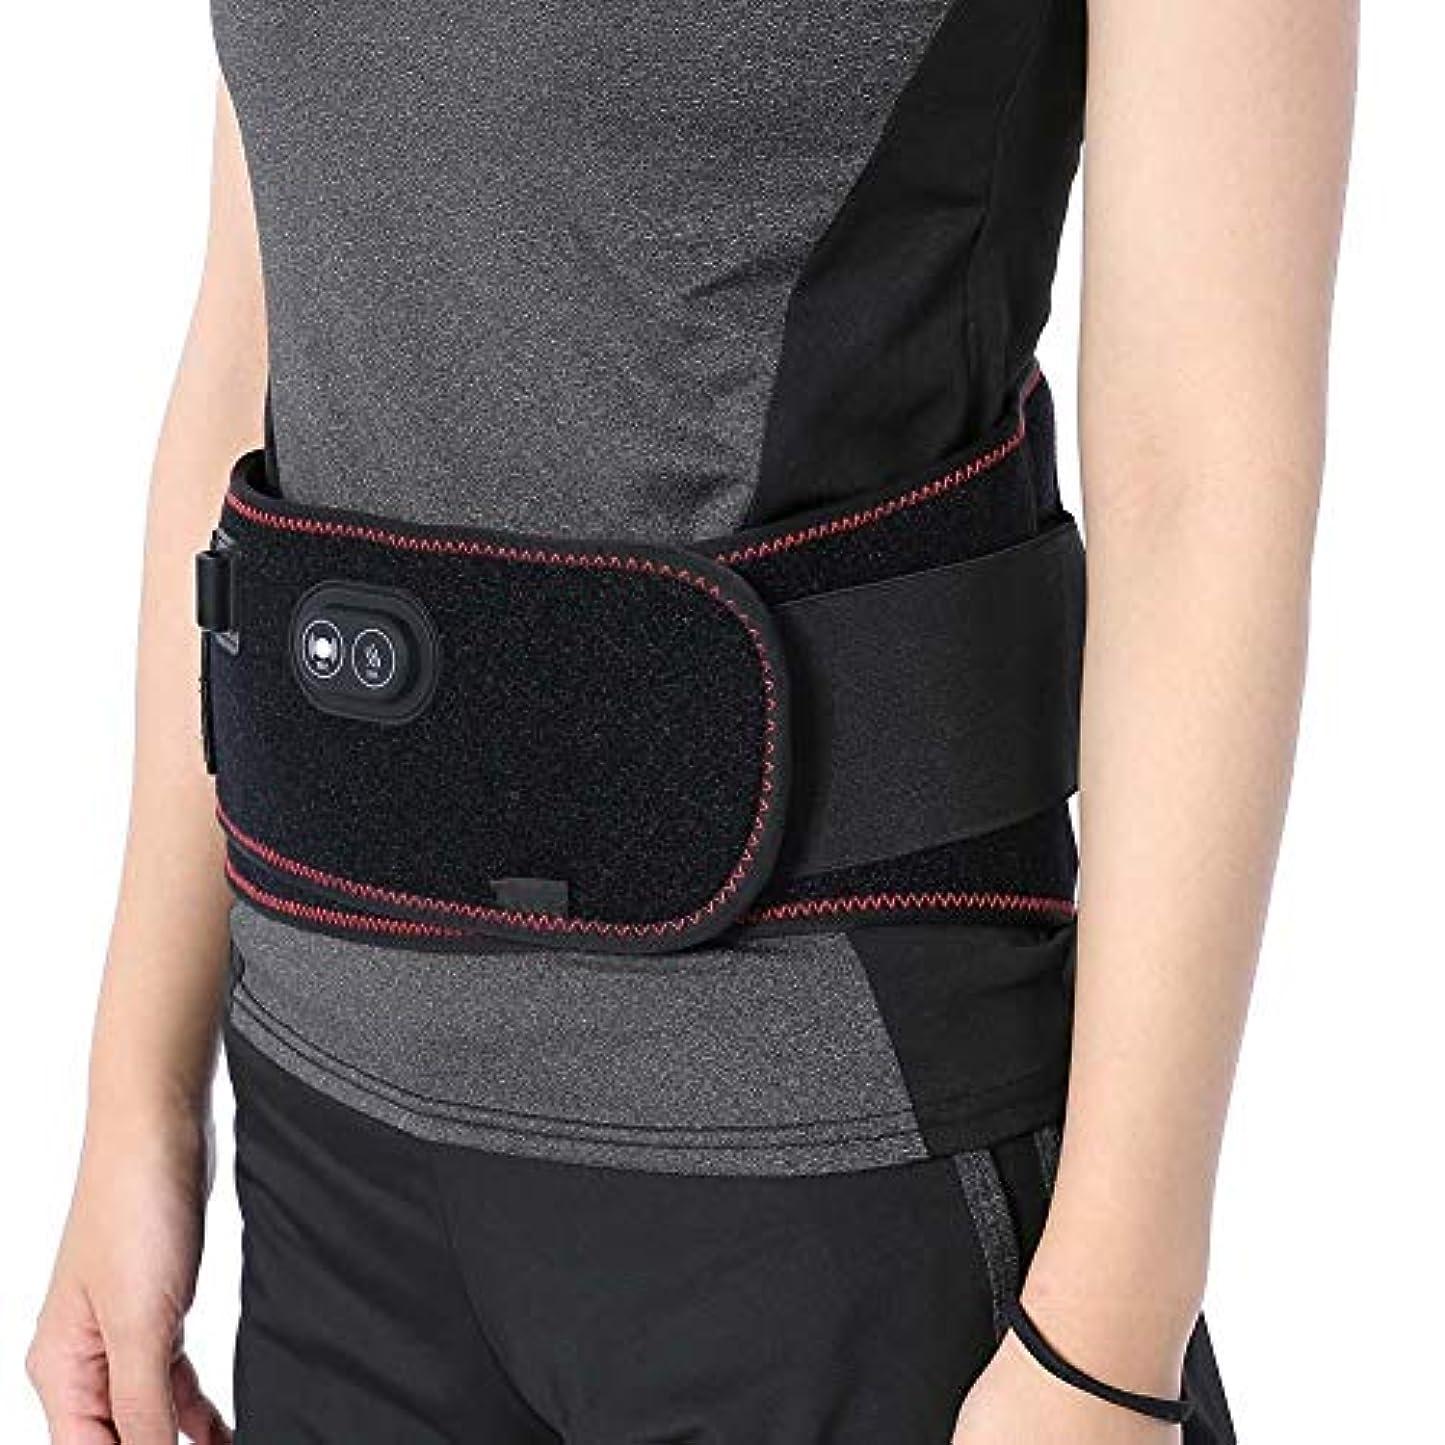 優雅な伝導率検証暖房ウエストベルト電気暖かい腹部マッサージ振動ウエストサポート、リリーフ性月経困難症と腹部の背中の痛み暖かい腰椎振動ラップ男性と女性のための低い